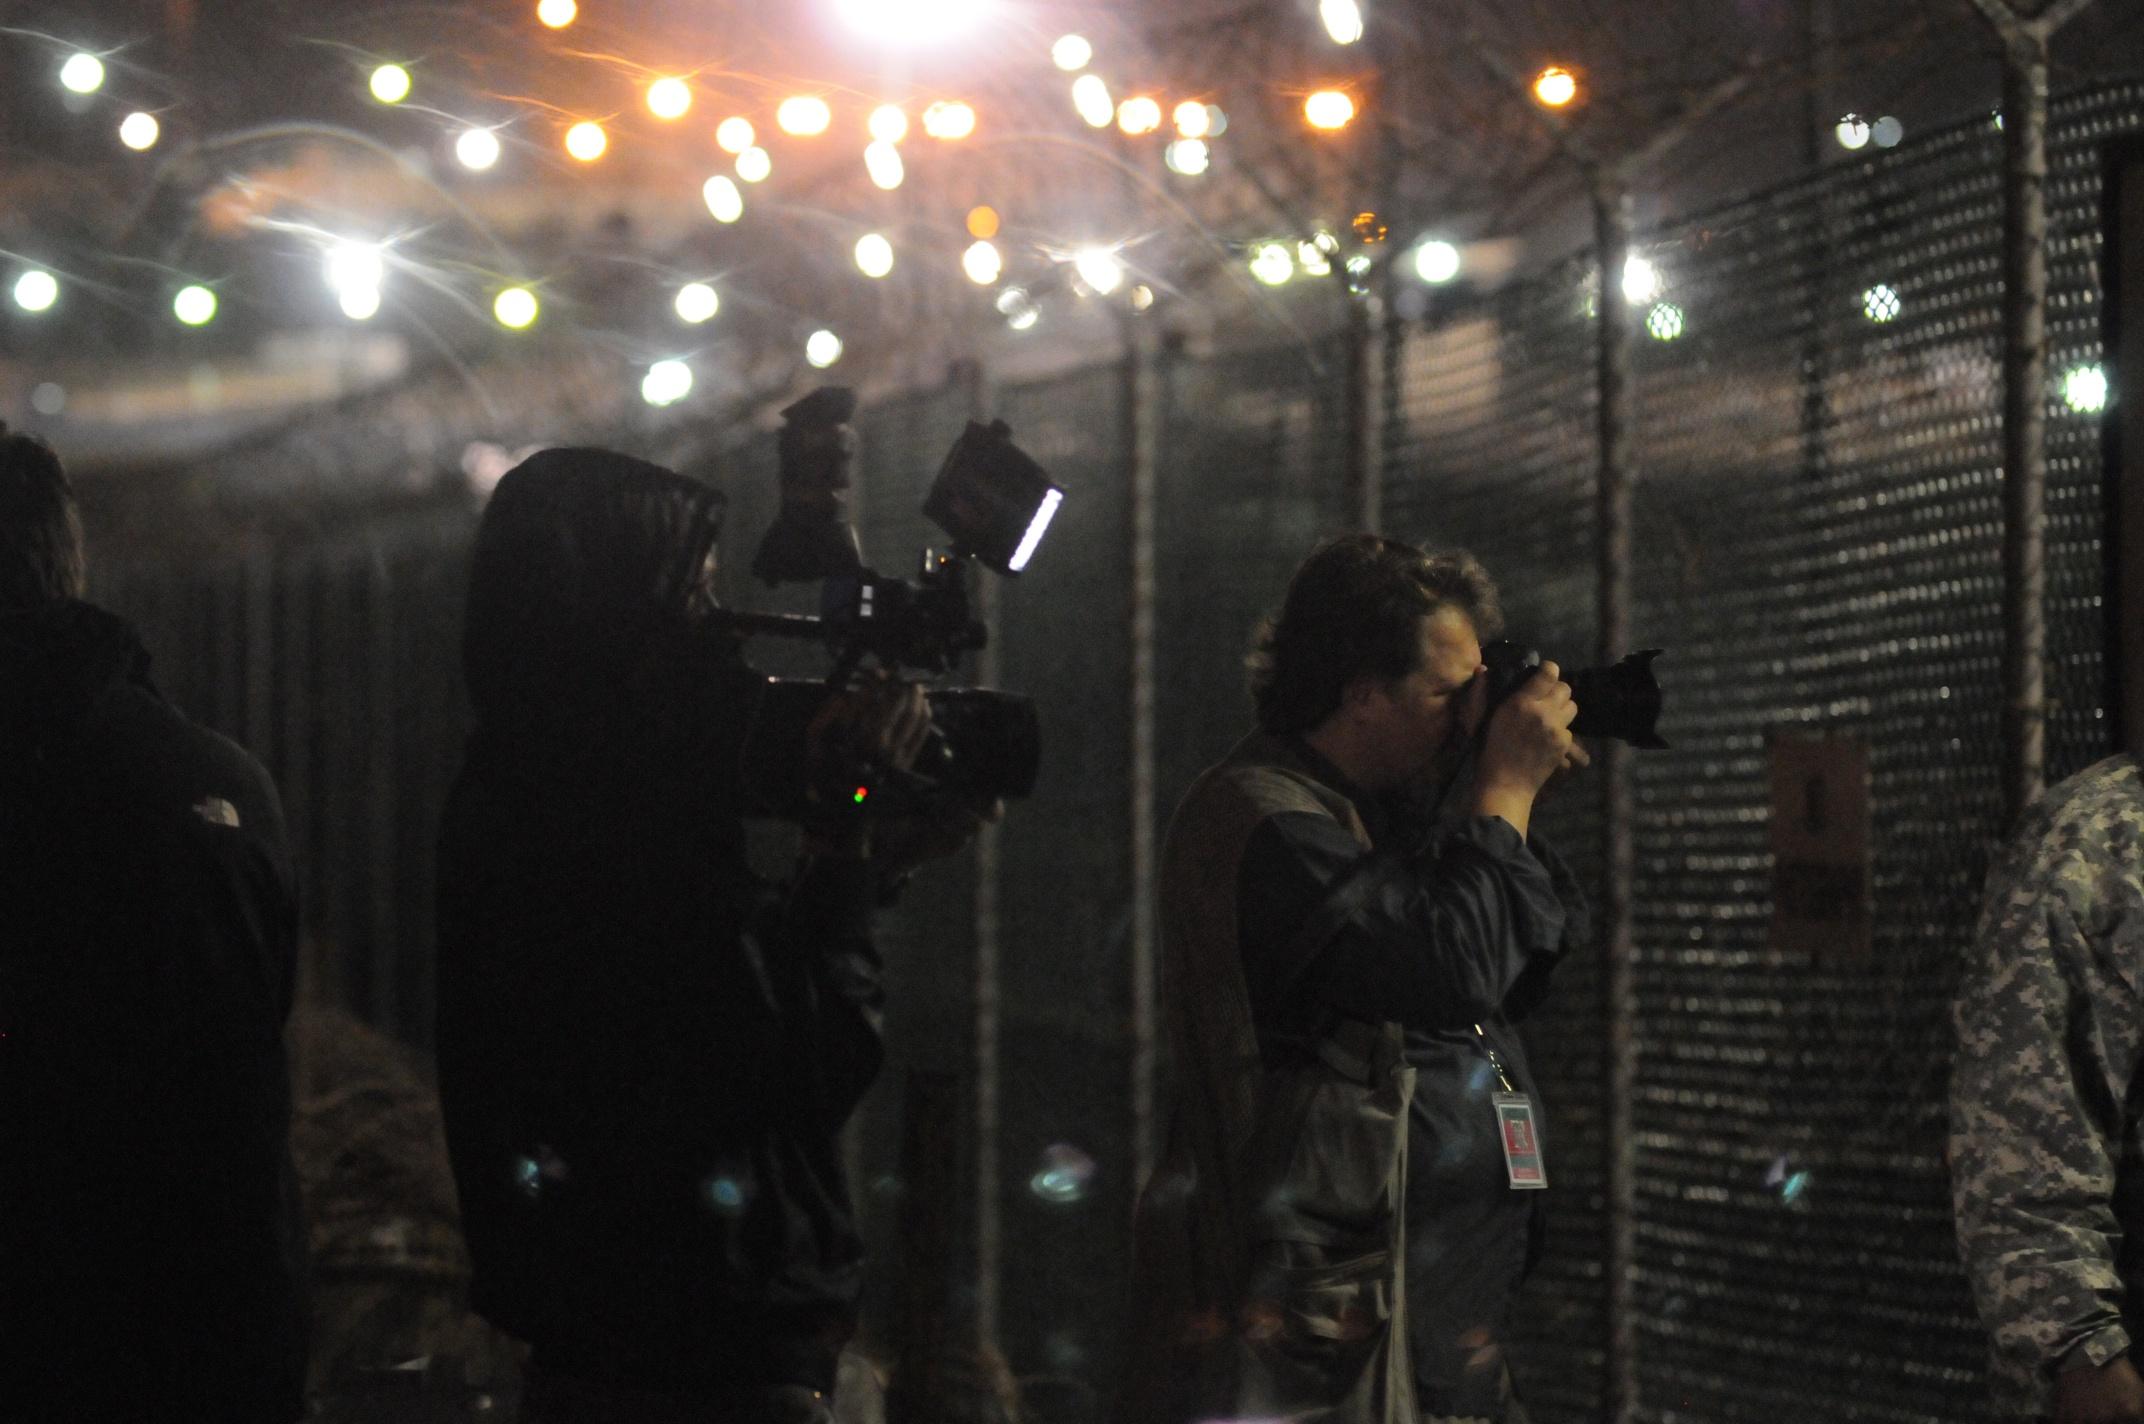 The Historical Production of Silence at Guantánamo Thumbnail Image